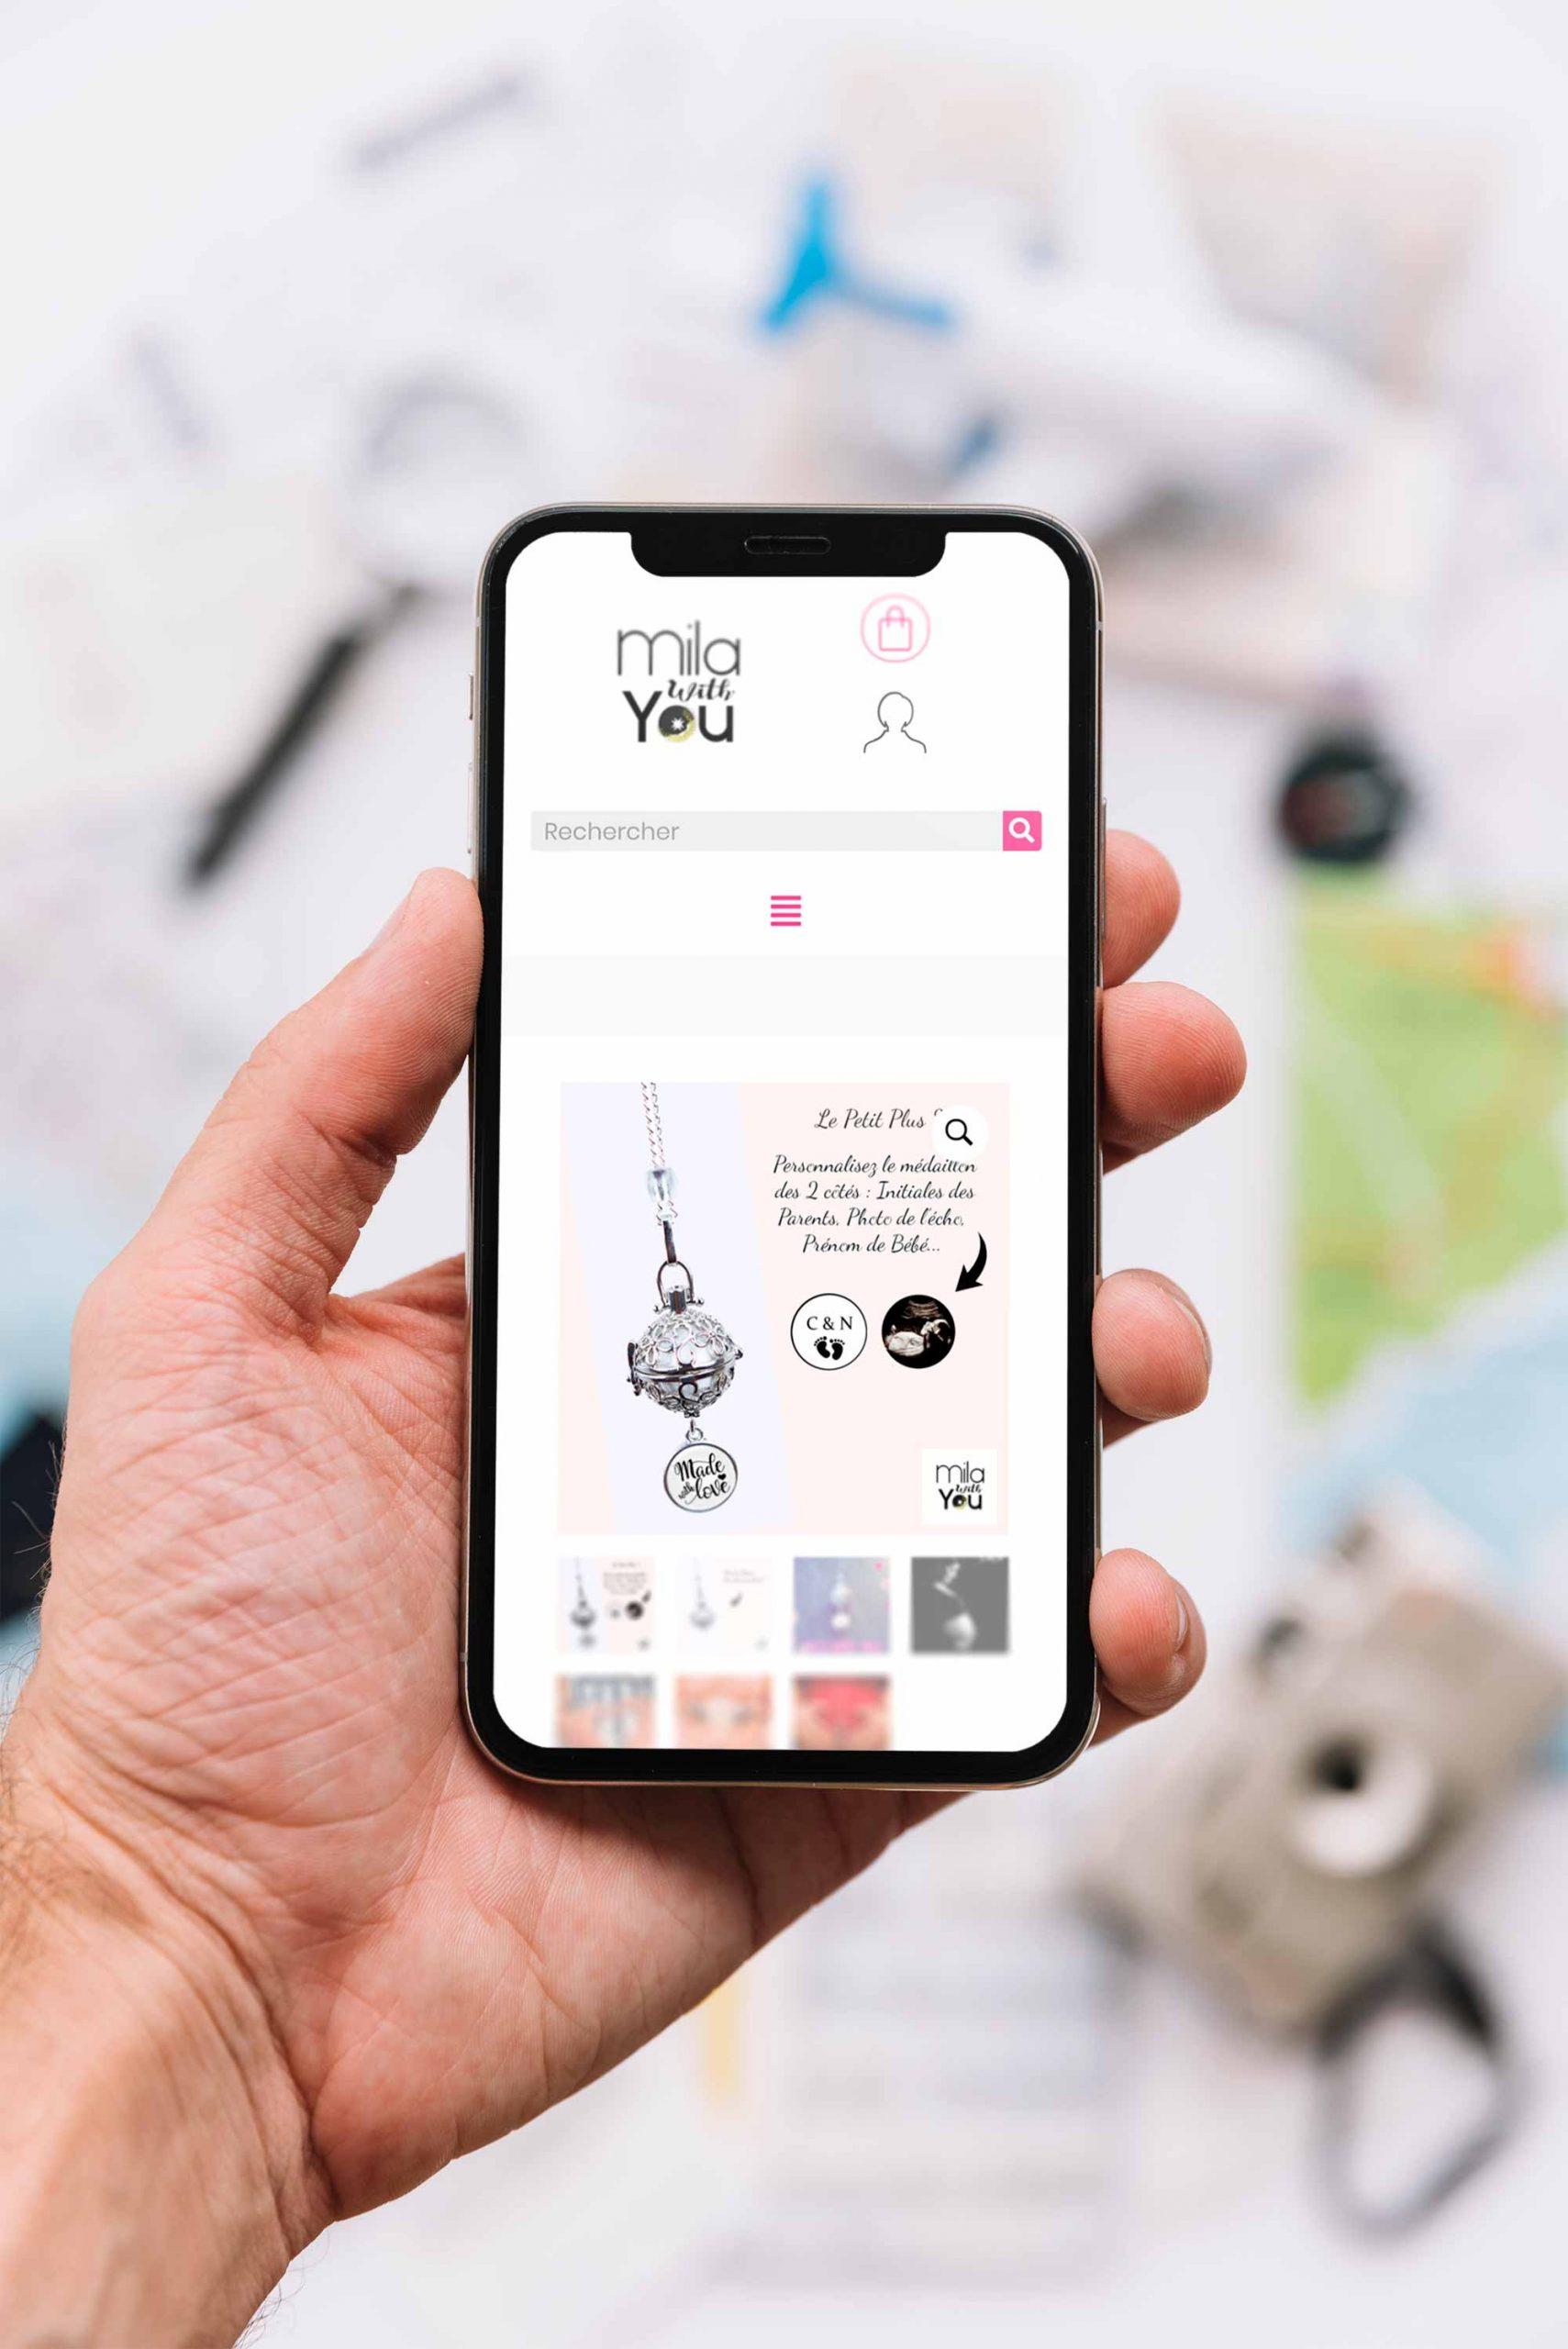 Présentation sur smartphone du site Milawithyou.com